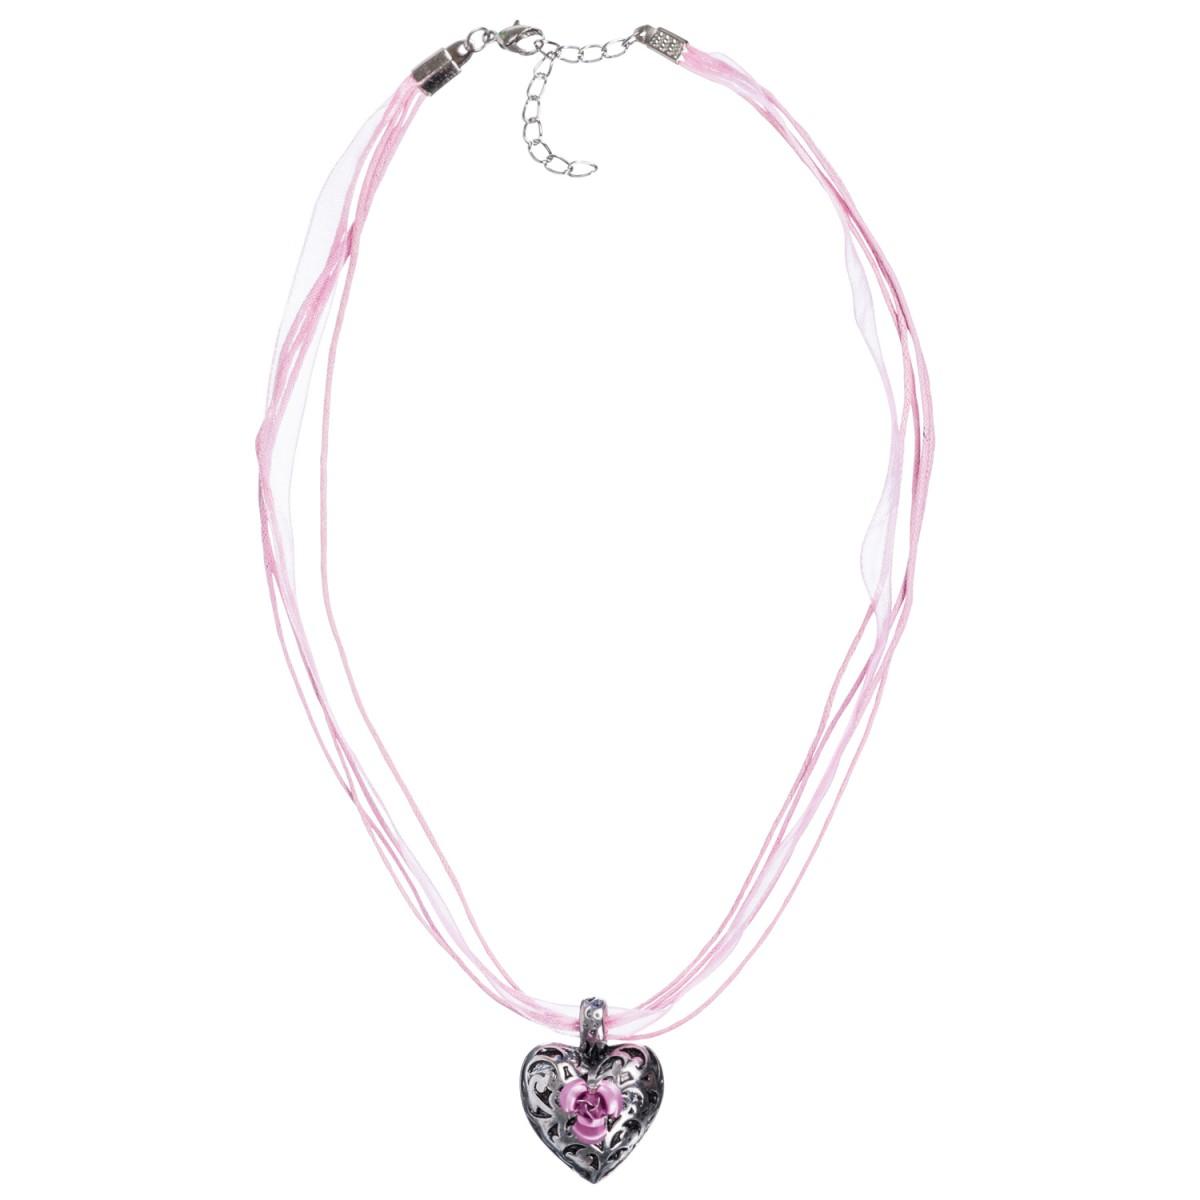 Halskette in Rosa mit 4 Bändern und Herzanhänger mit Rosenblüte von Schlick Accessoires günstig online kaufen